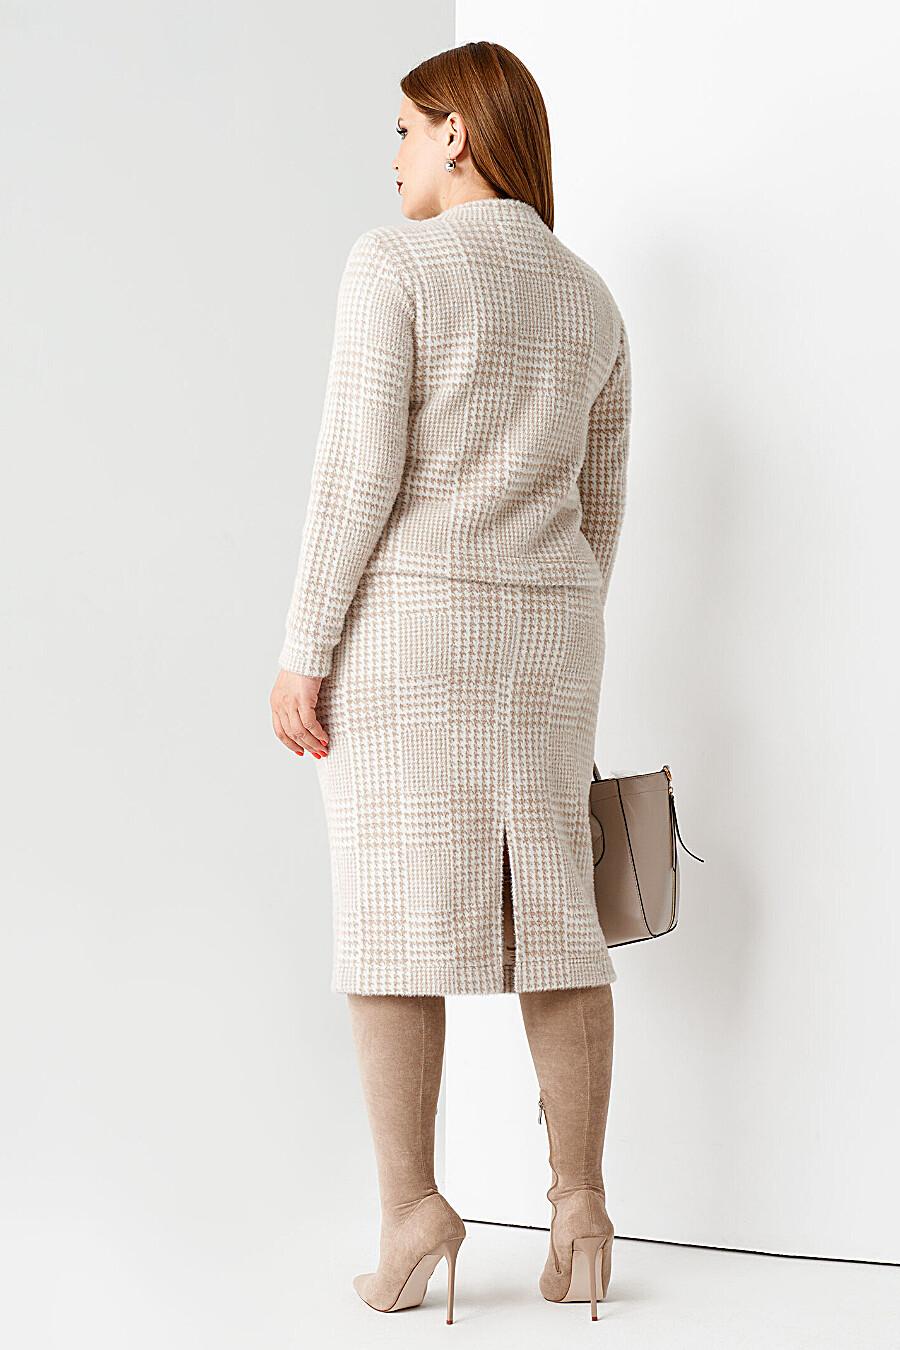 Комплект (Джемпер+Юбка) для женщин PANDA 708636 купить оптом от производителя. Совместная покупка женской одежды в OptMoyo